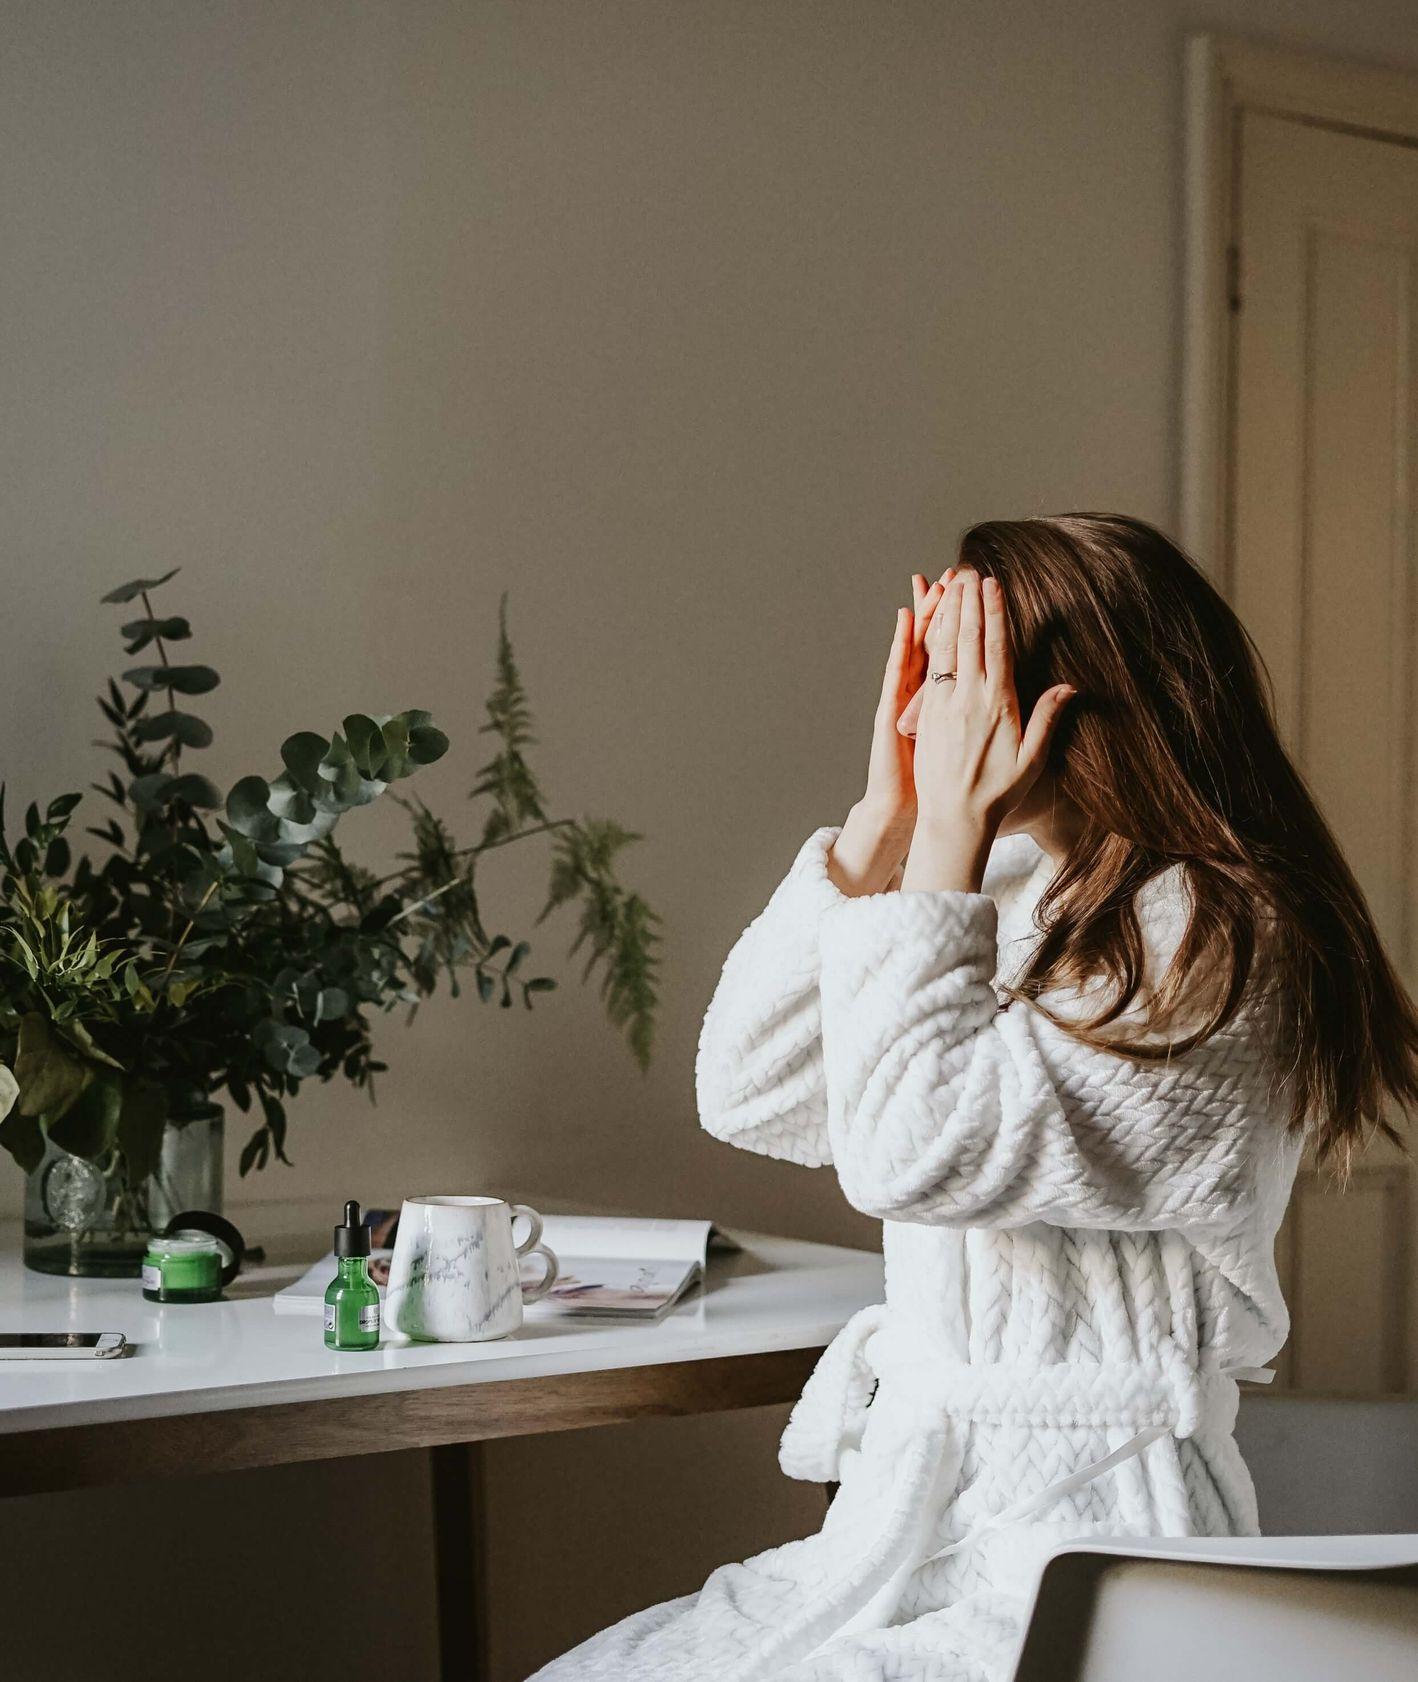 Poranna pielęgnacja twarzy ( fot. Toa Heftiba)